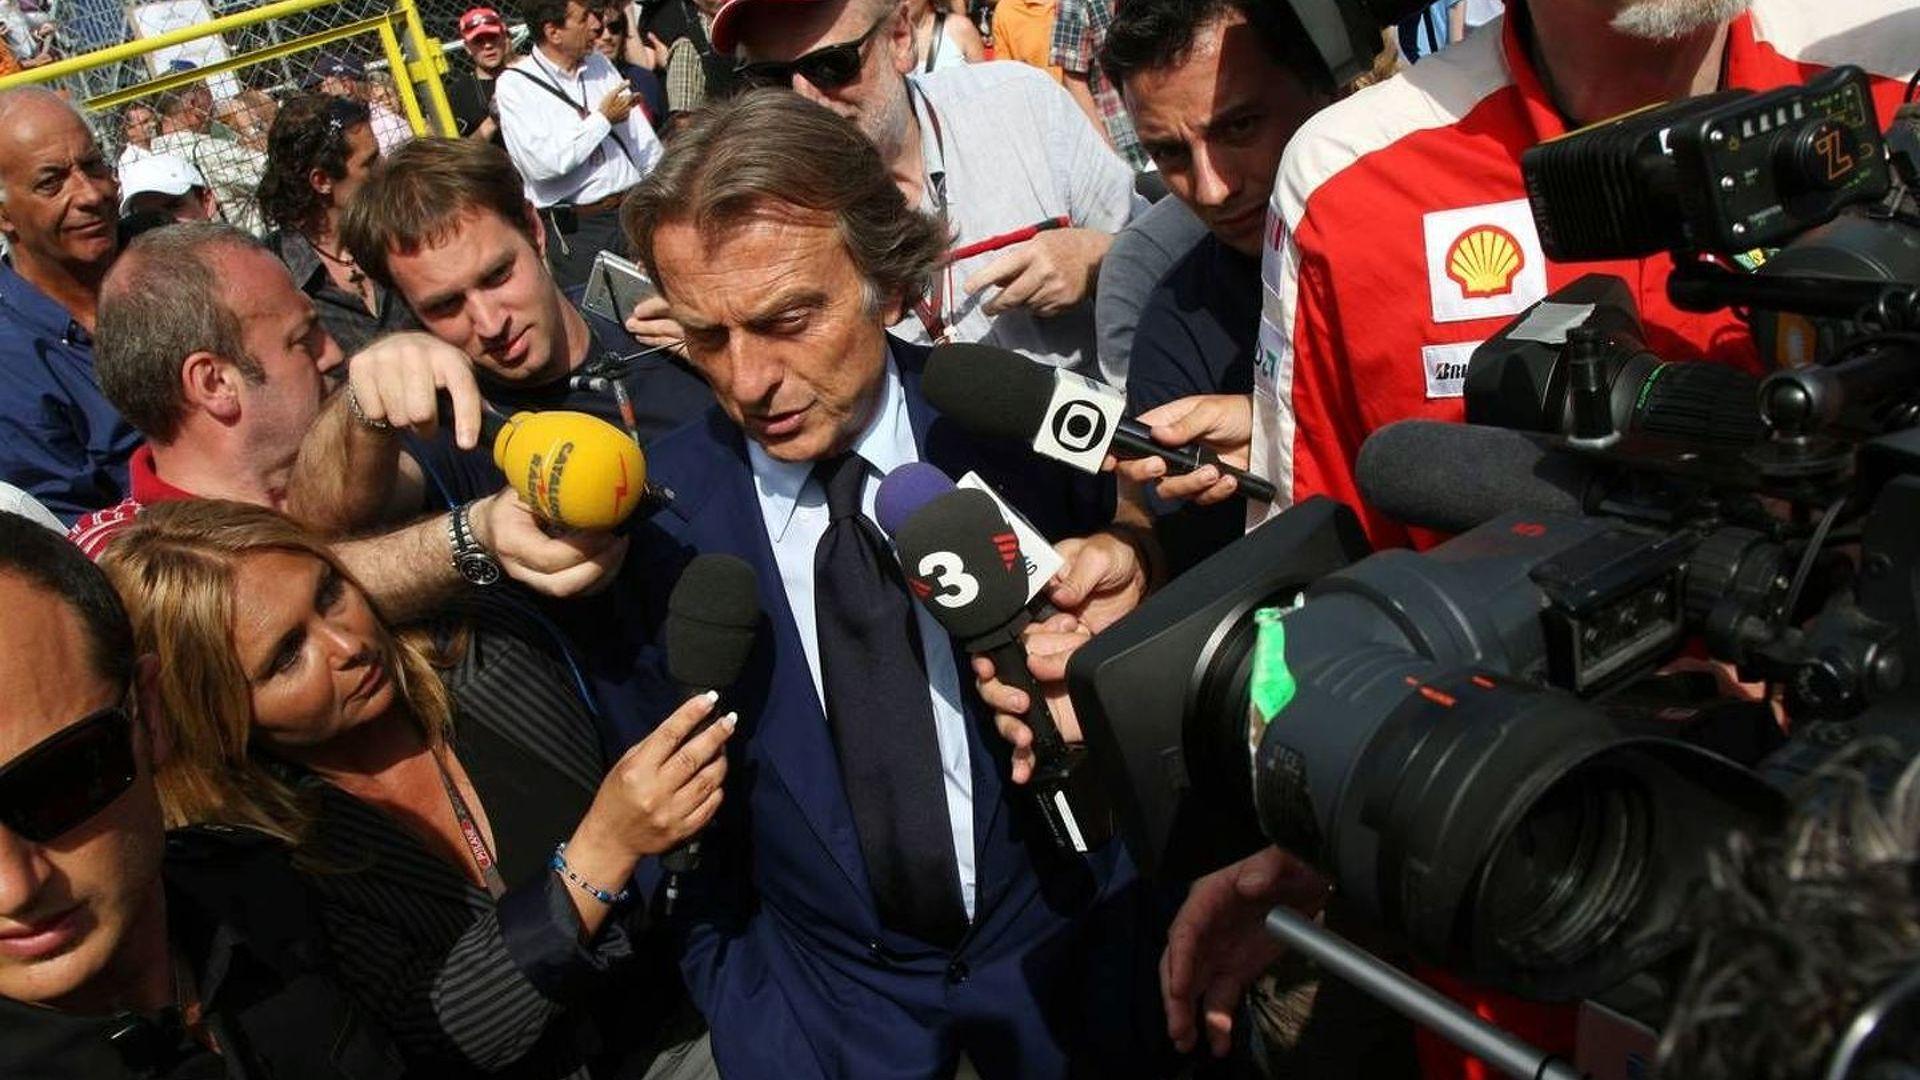 New F1 teams should be in GP2 - Montezemolo